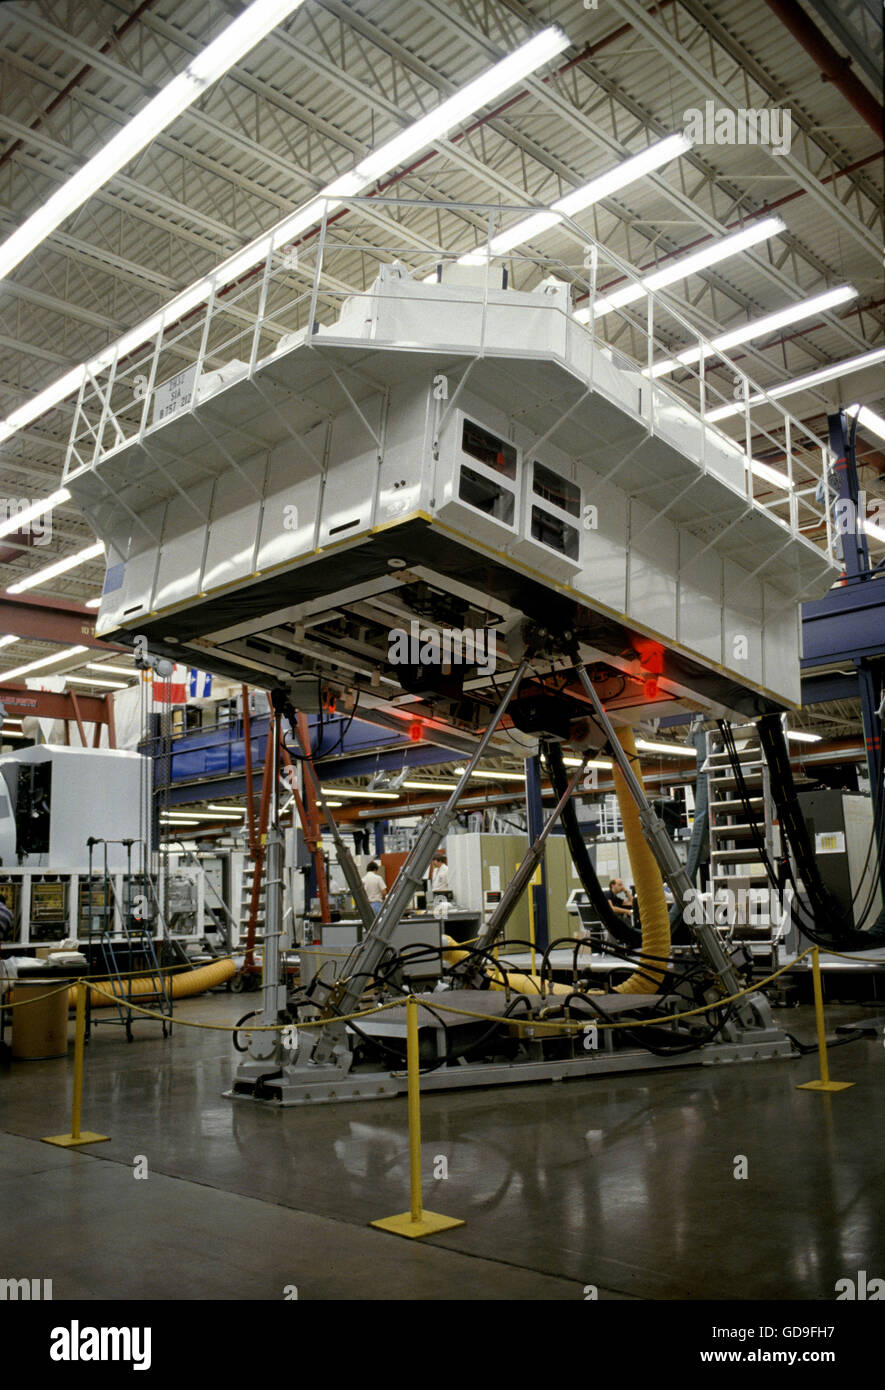 Boeing 757 full six degrees of motion full flight simulator